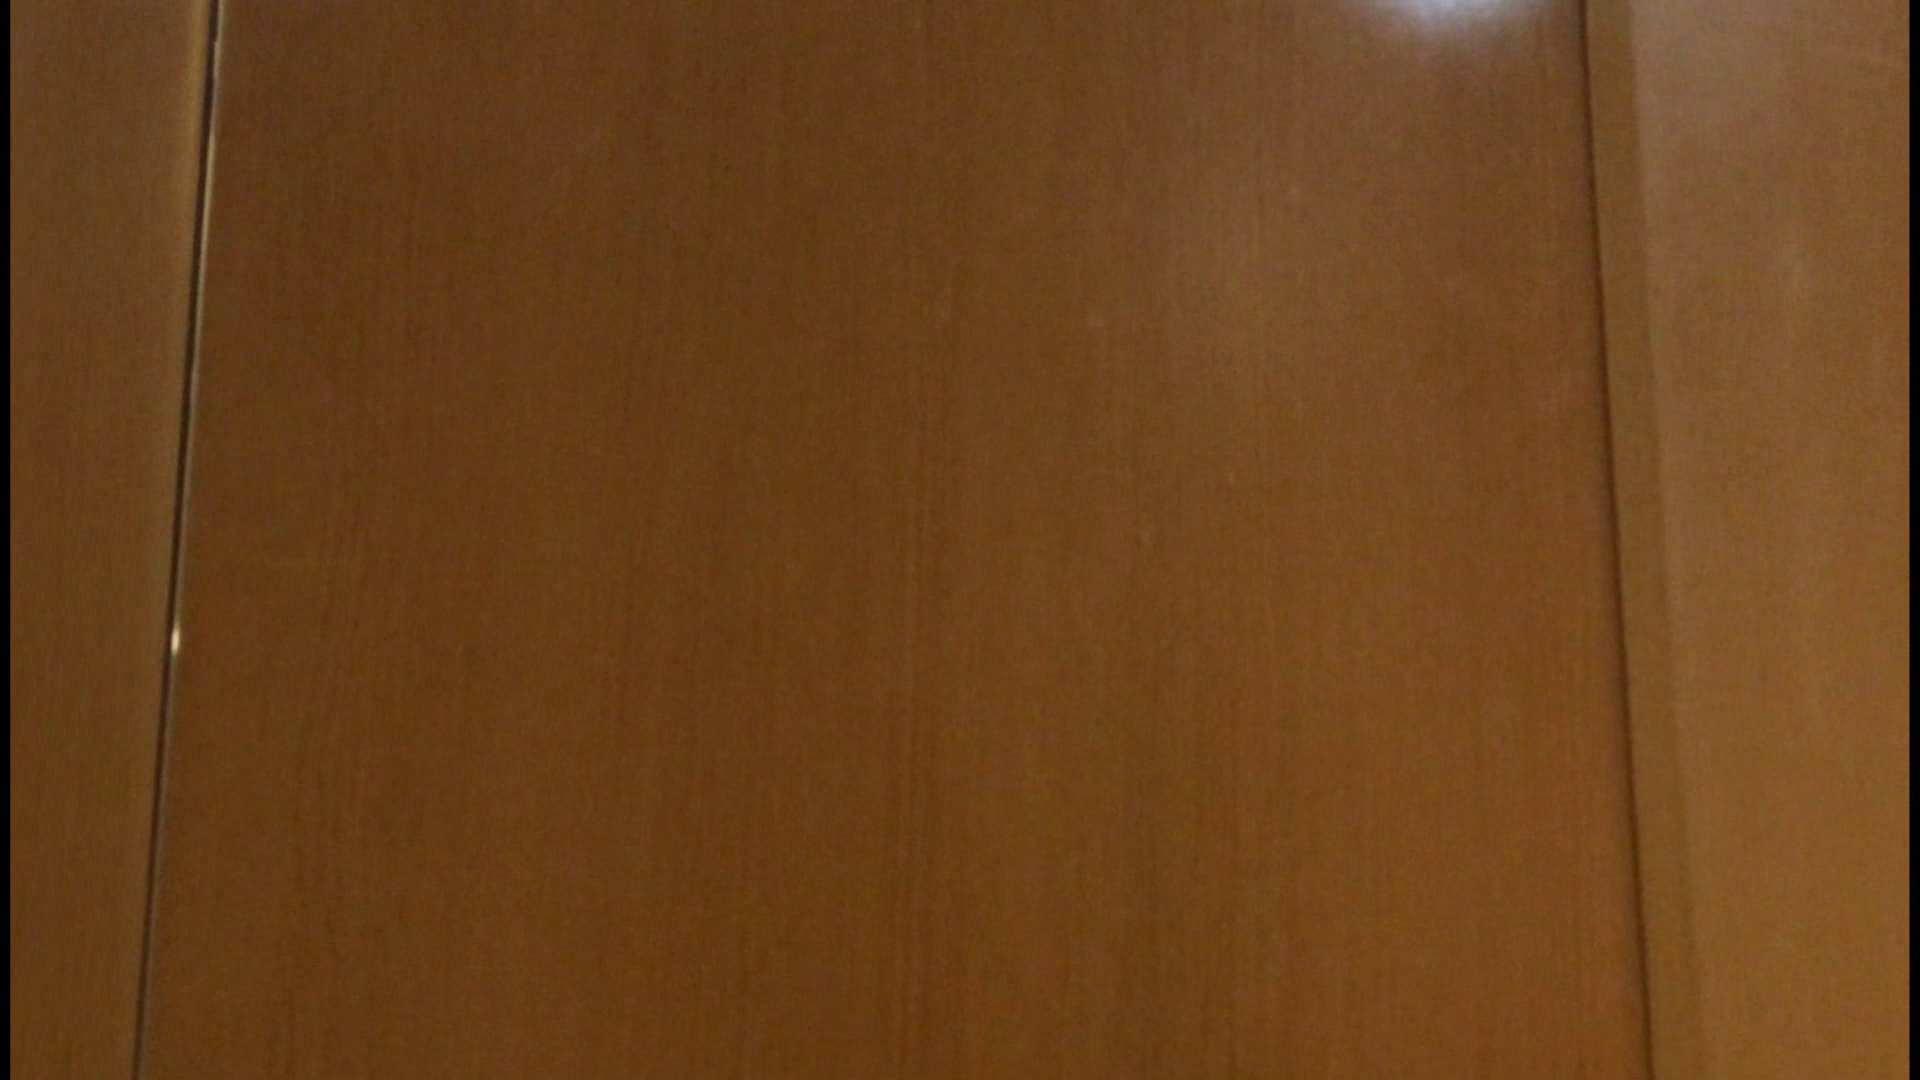 「噂」の国の厠観察日記2 Vol.08 OLハメ撮り  111Pix 15